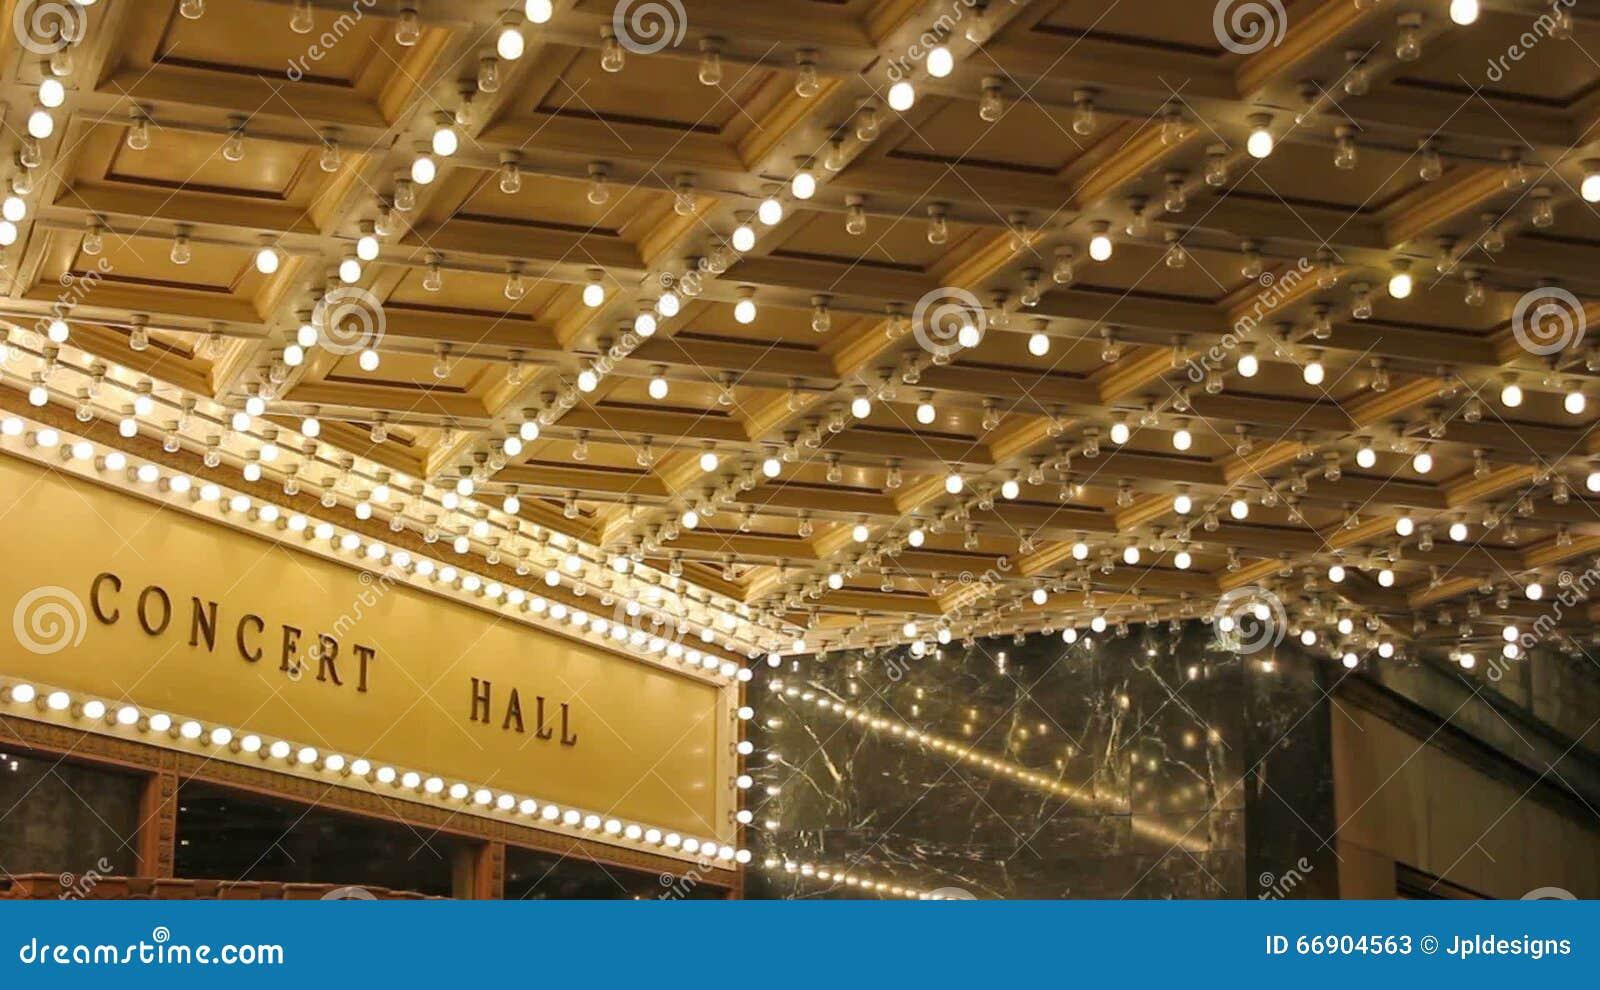 Plafoniere Da Sala : Alta definizione delle plafoniere della sala da concerto di